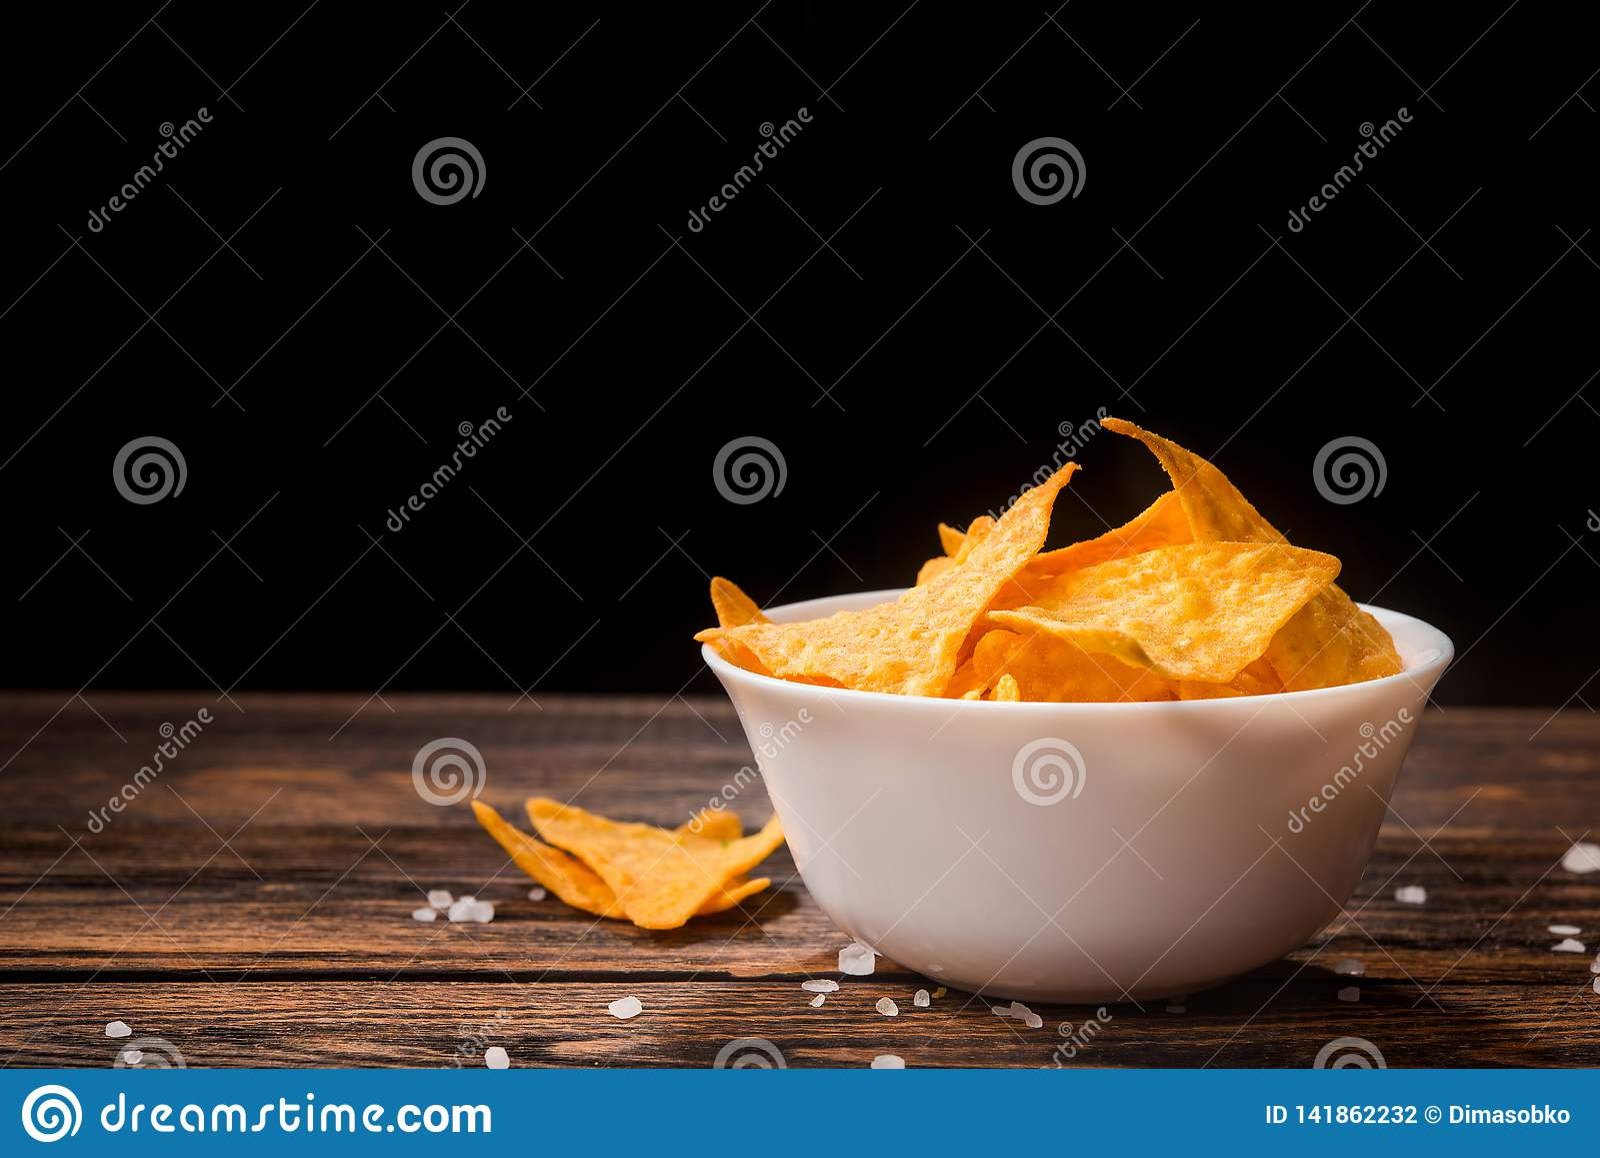 Puces mexicaines de nacho